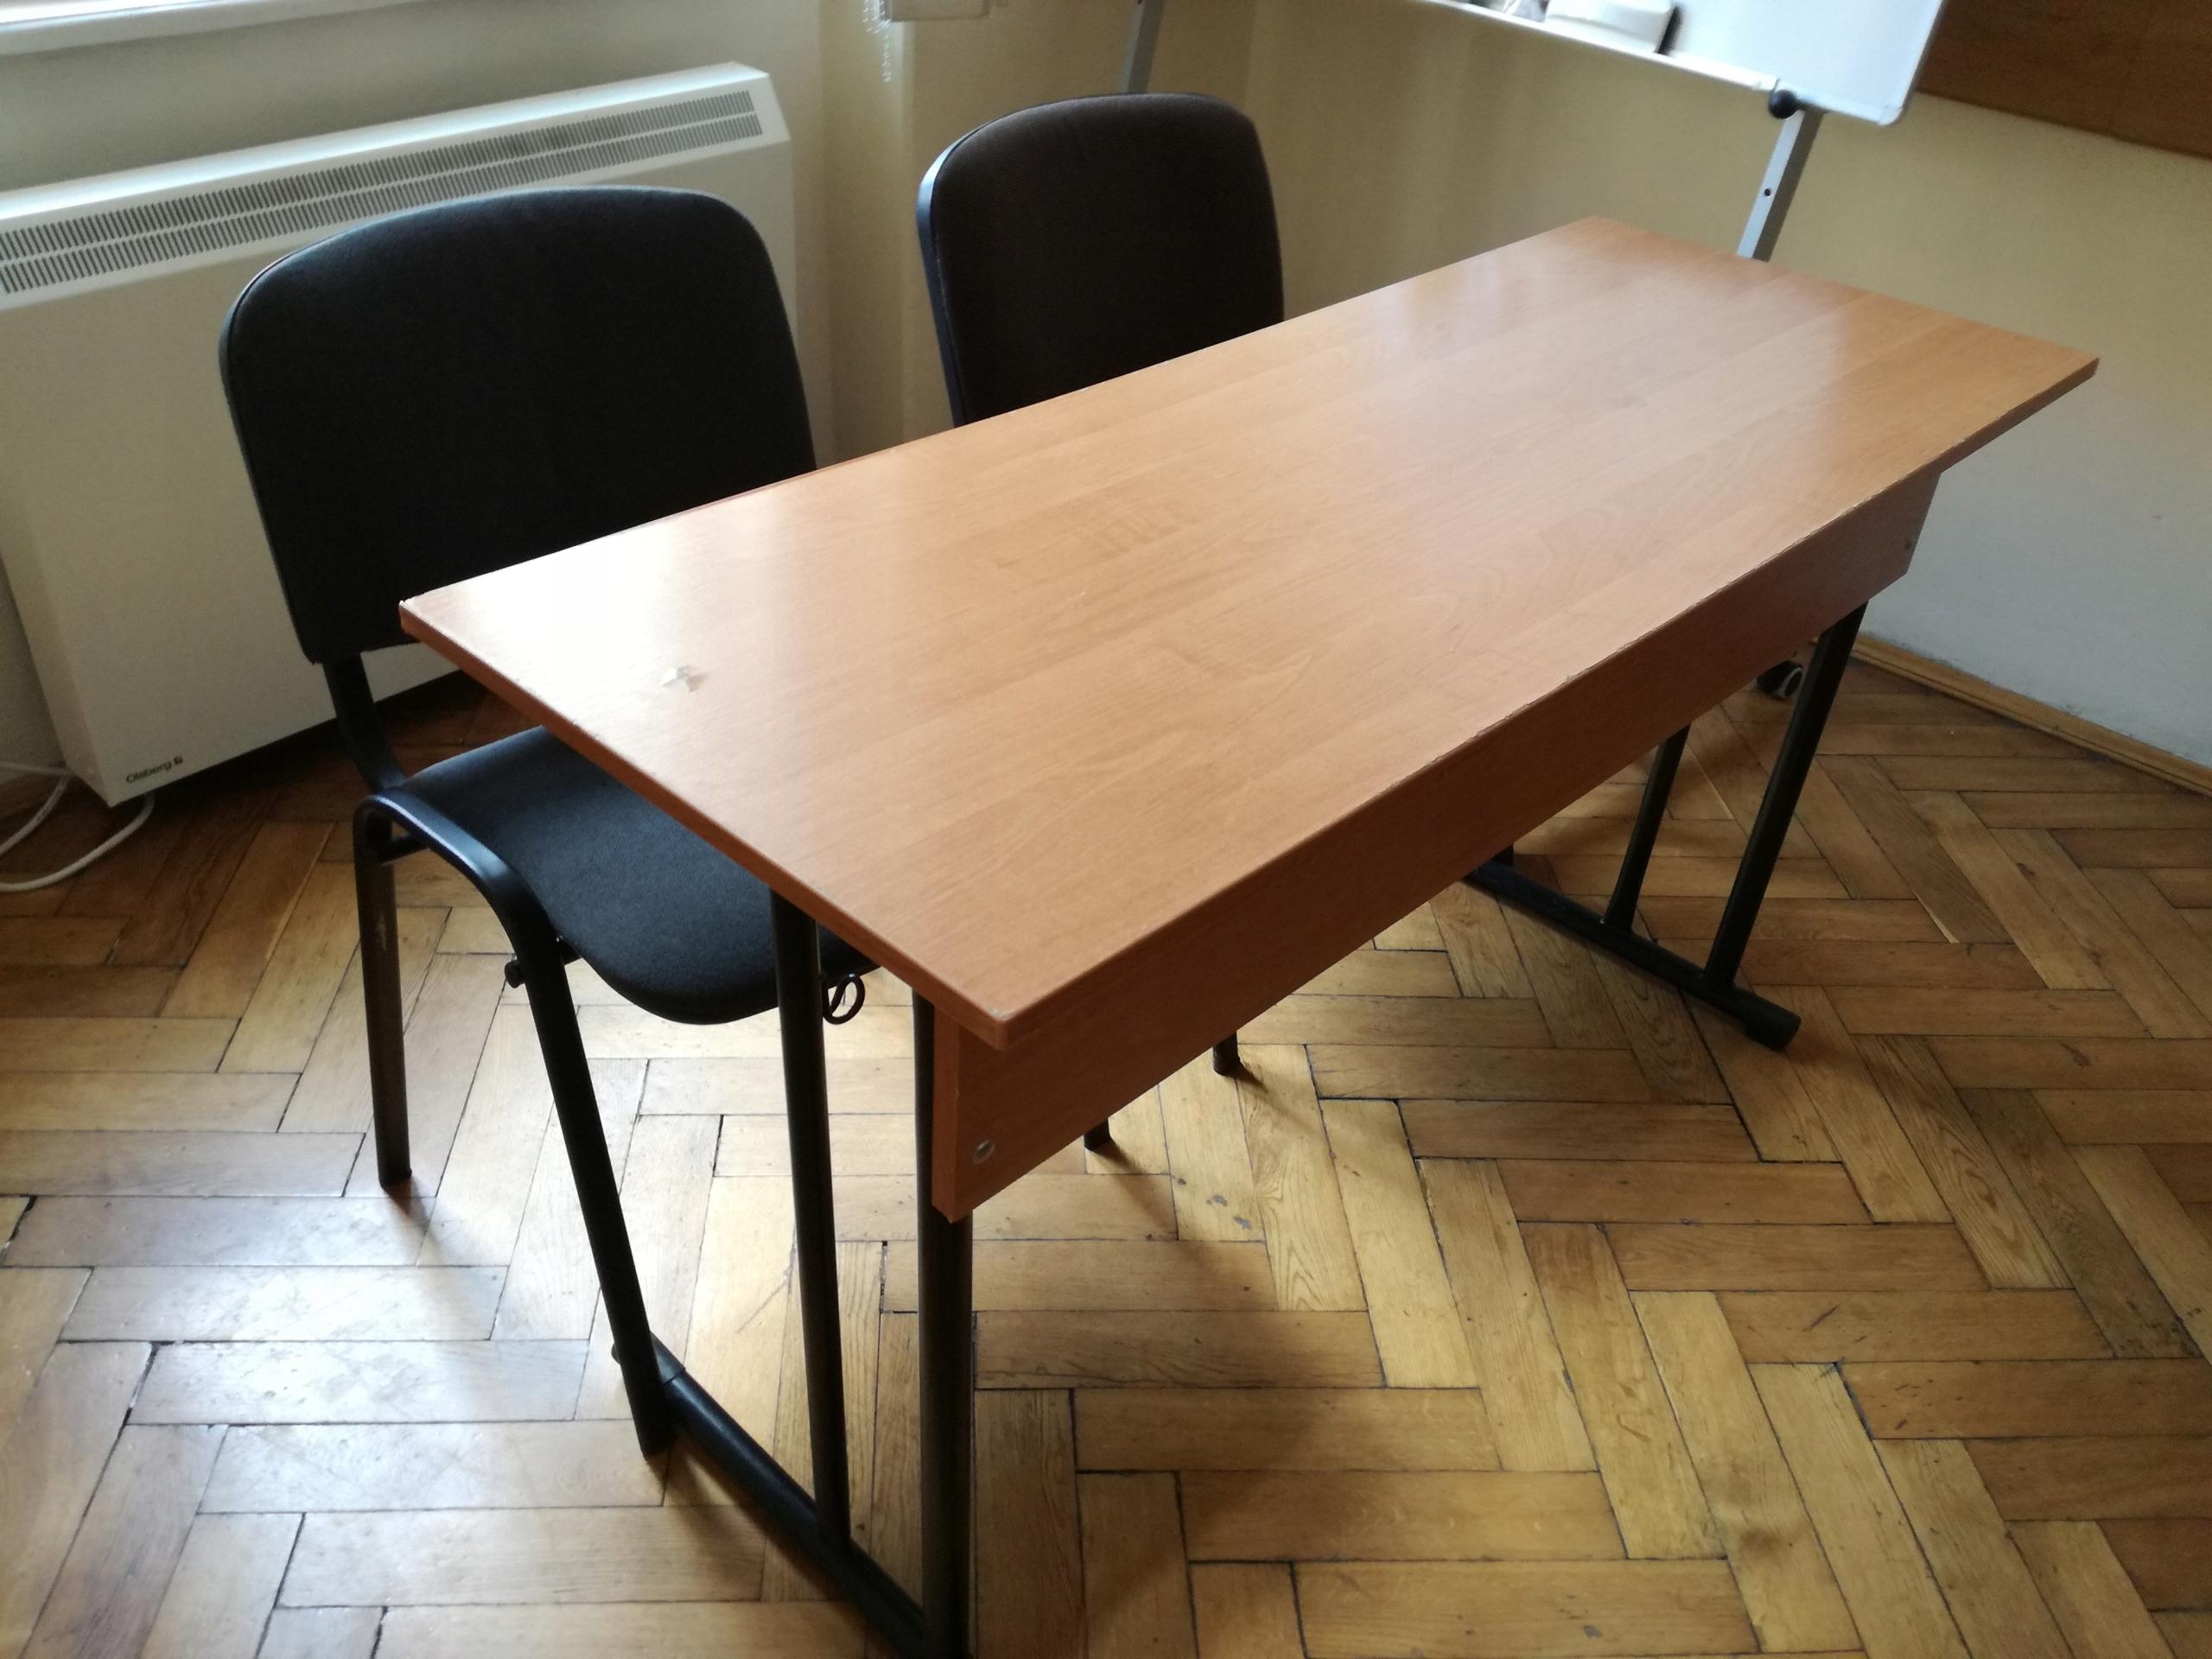 W Ultra OKAZJA wyprzedaż biurko ławka szkolna - 7466236104 - oficjalne JN53